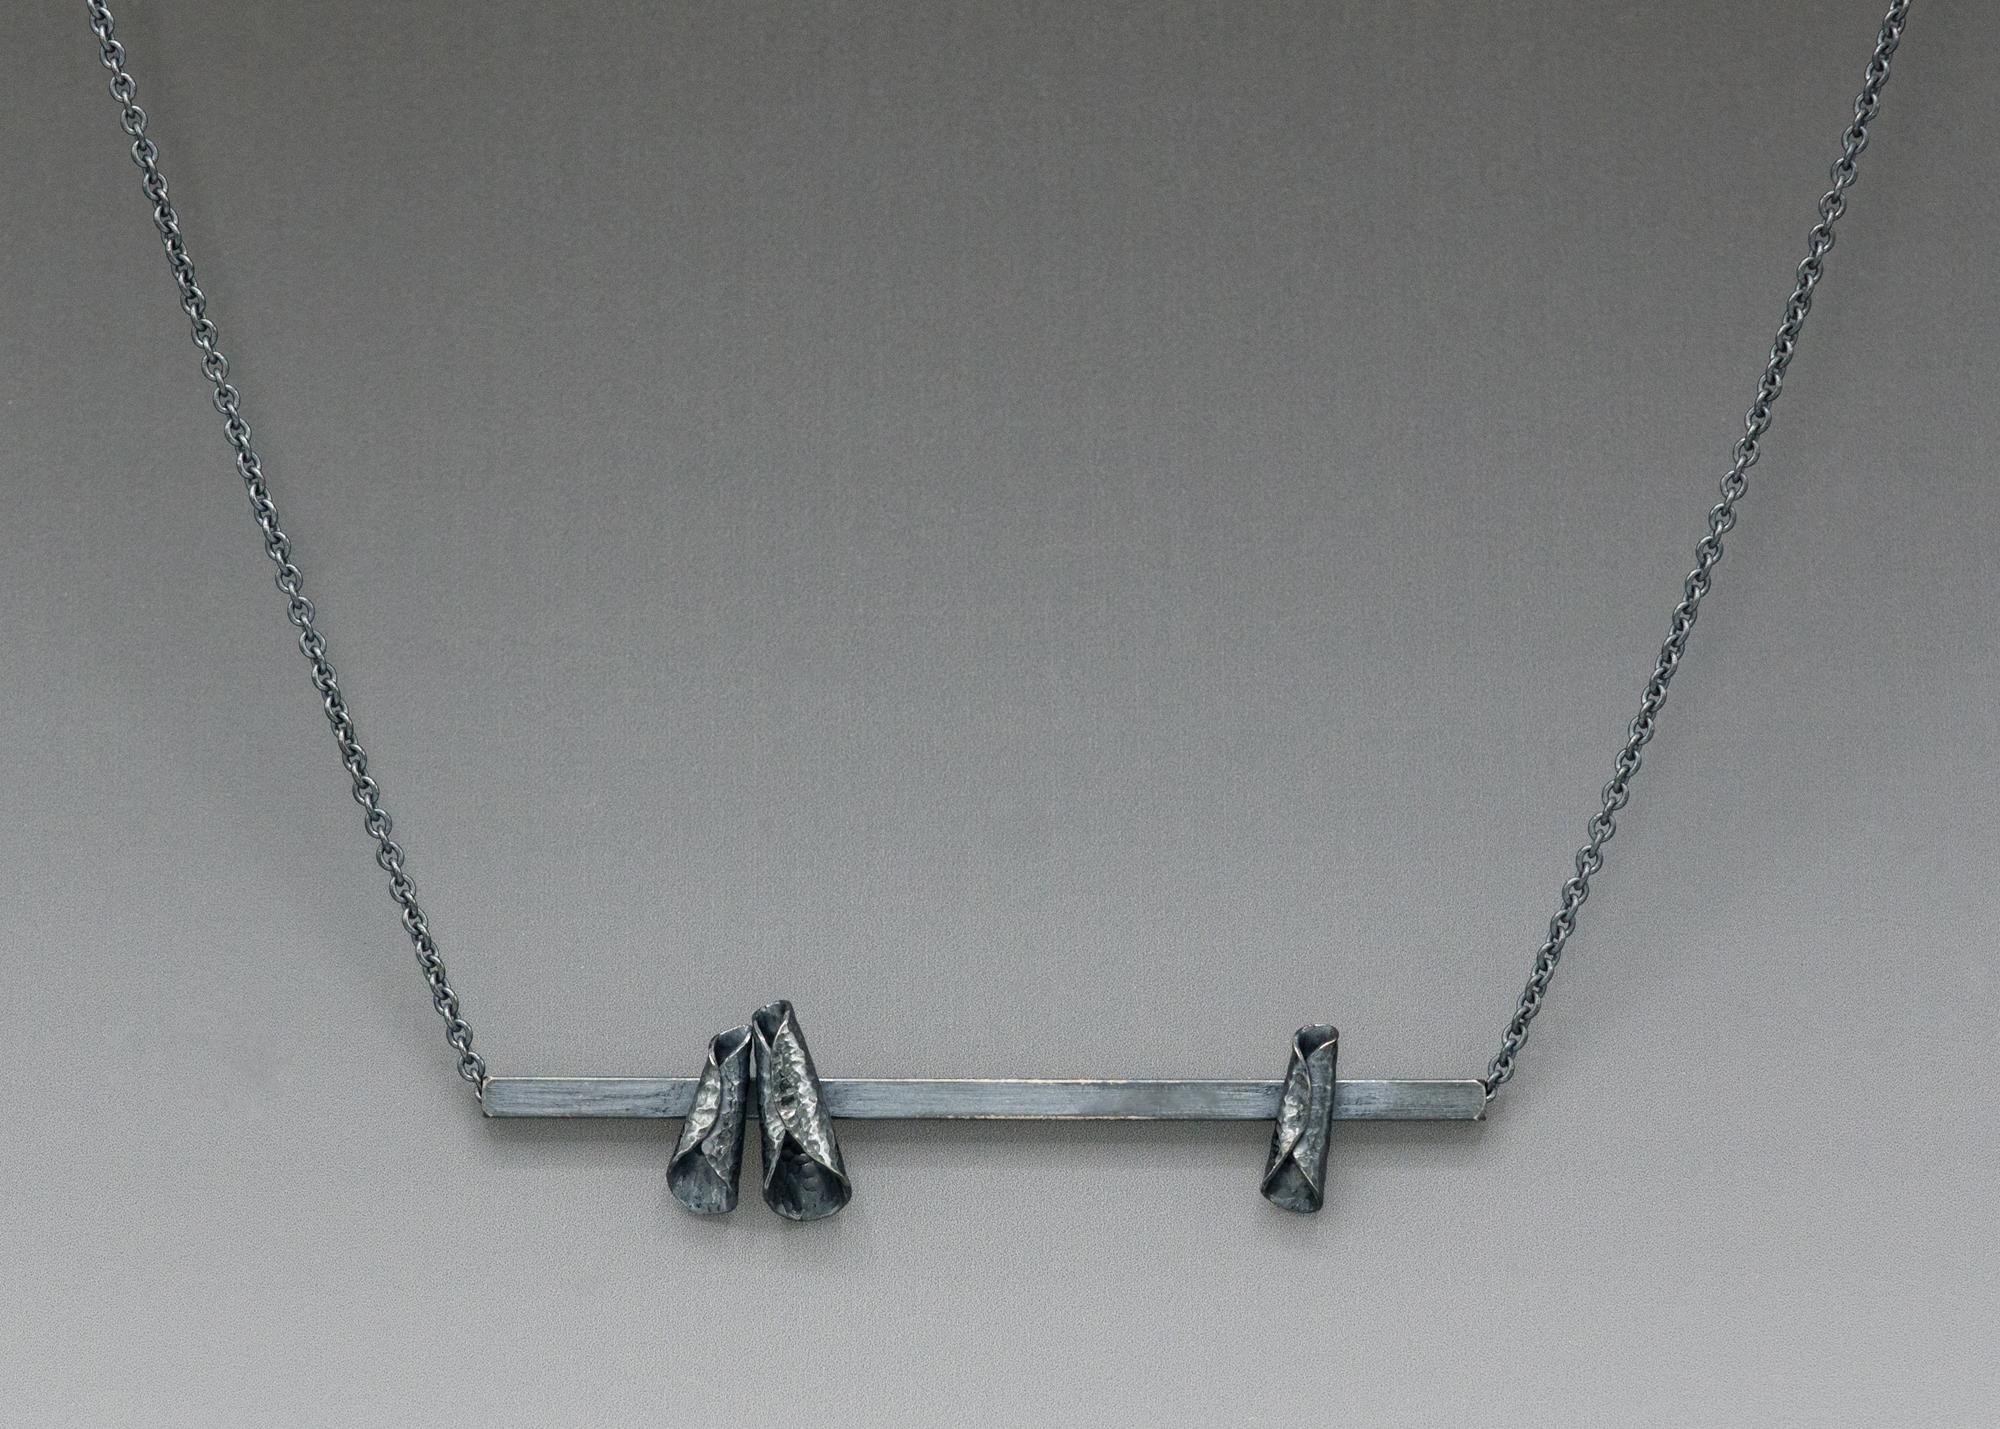 3_Bar-Necklace-CG_Grisez-7719.jpg